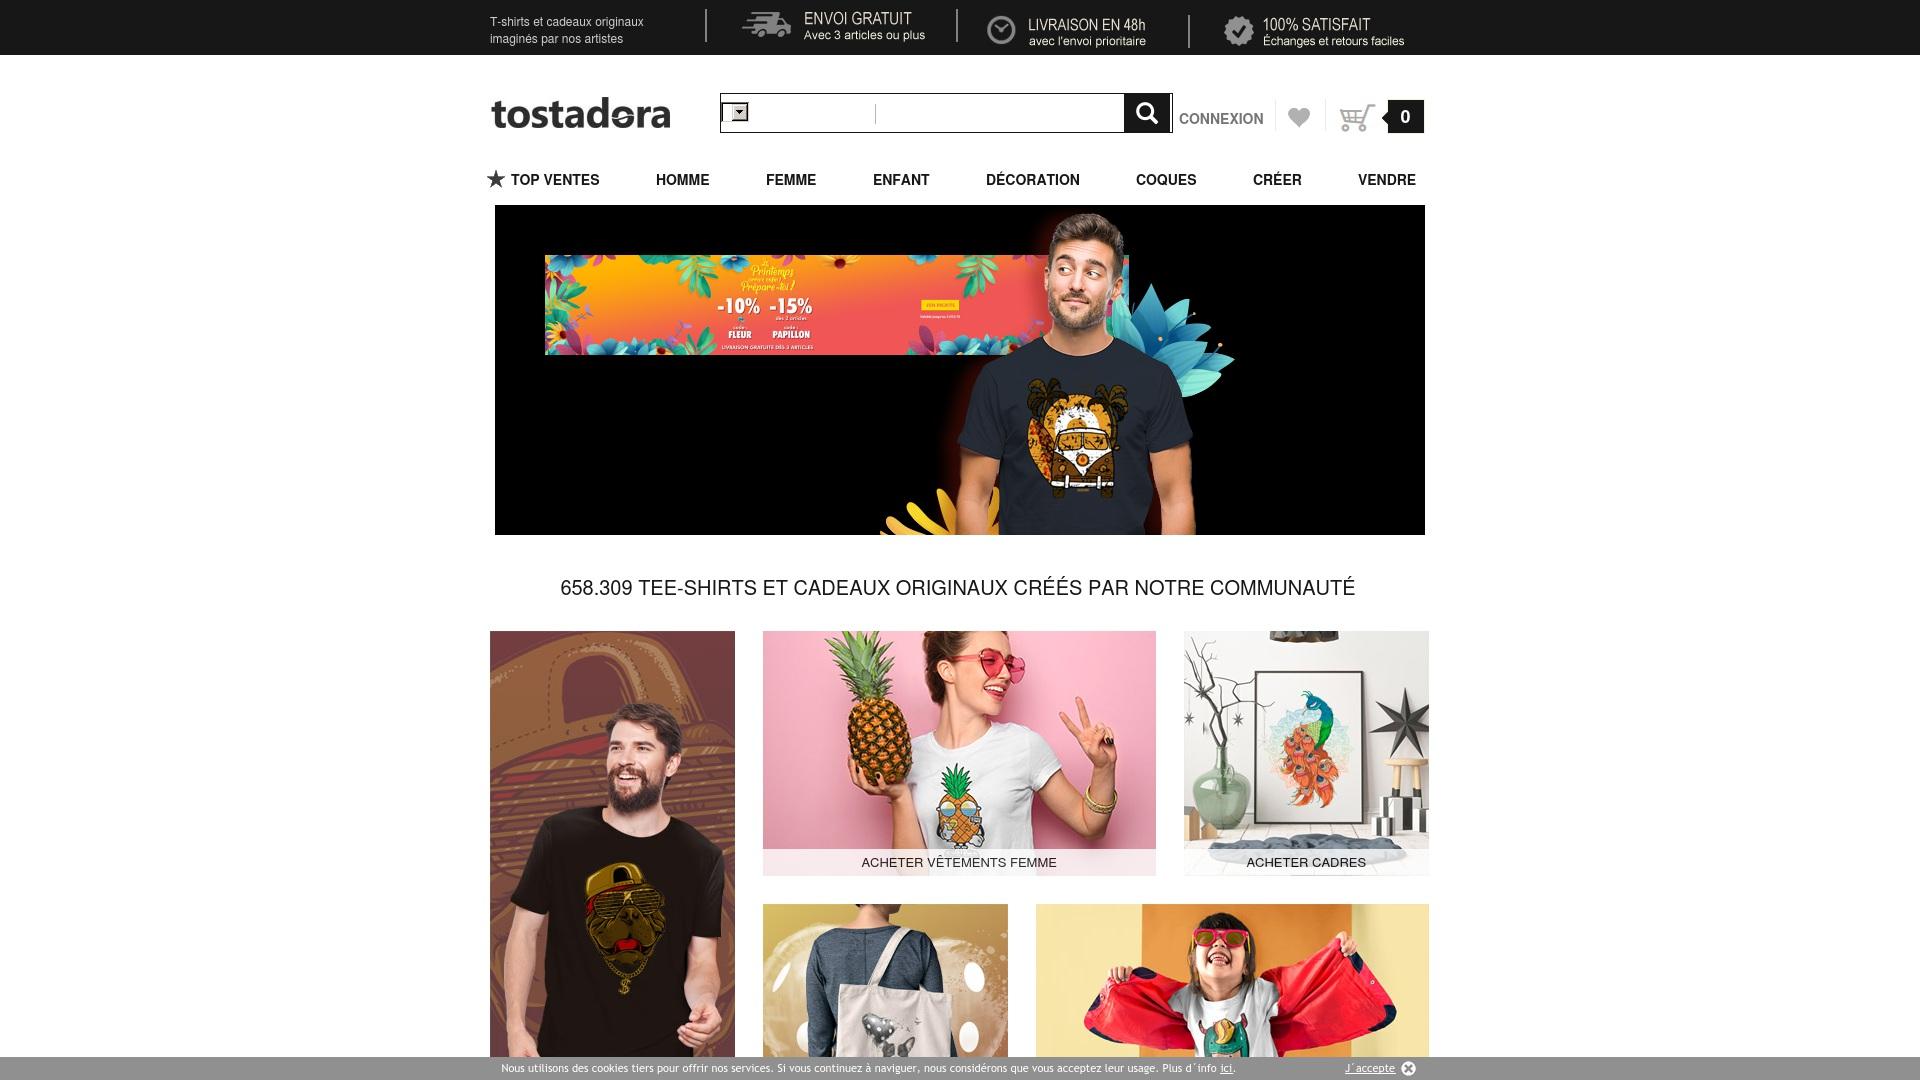 Gutschein für Tostadora: Rabatte für  Tostadora sichern